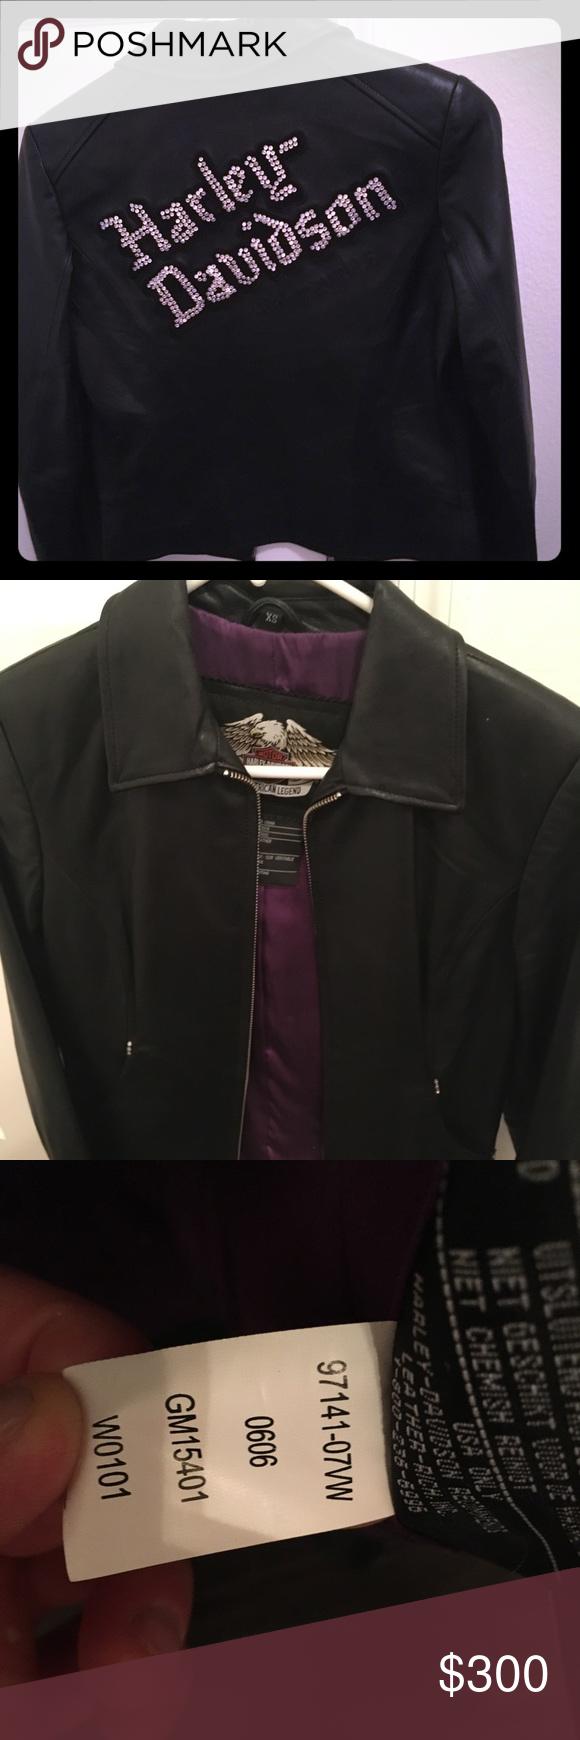 HarleyDavidson Leather Jacket 9714107VW This jacket will